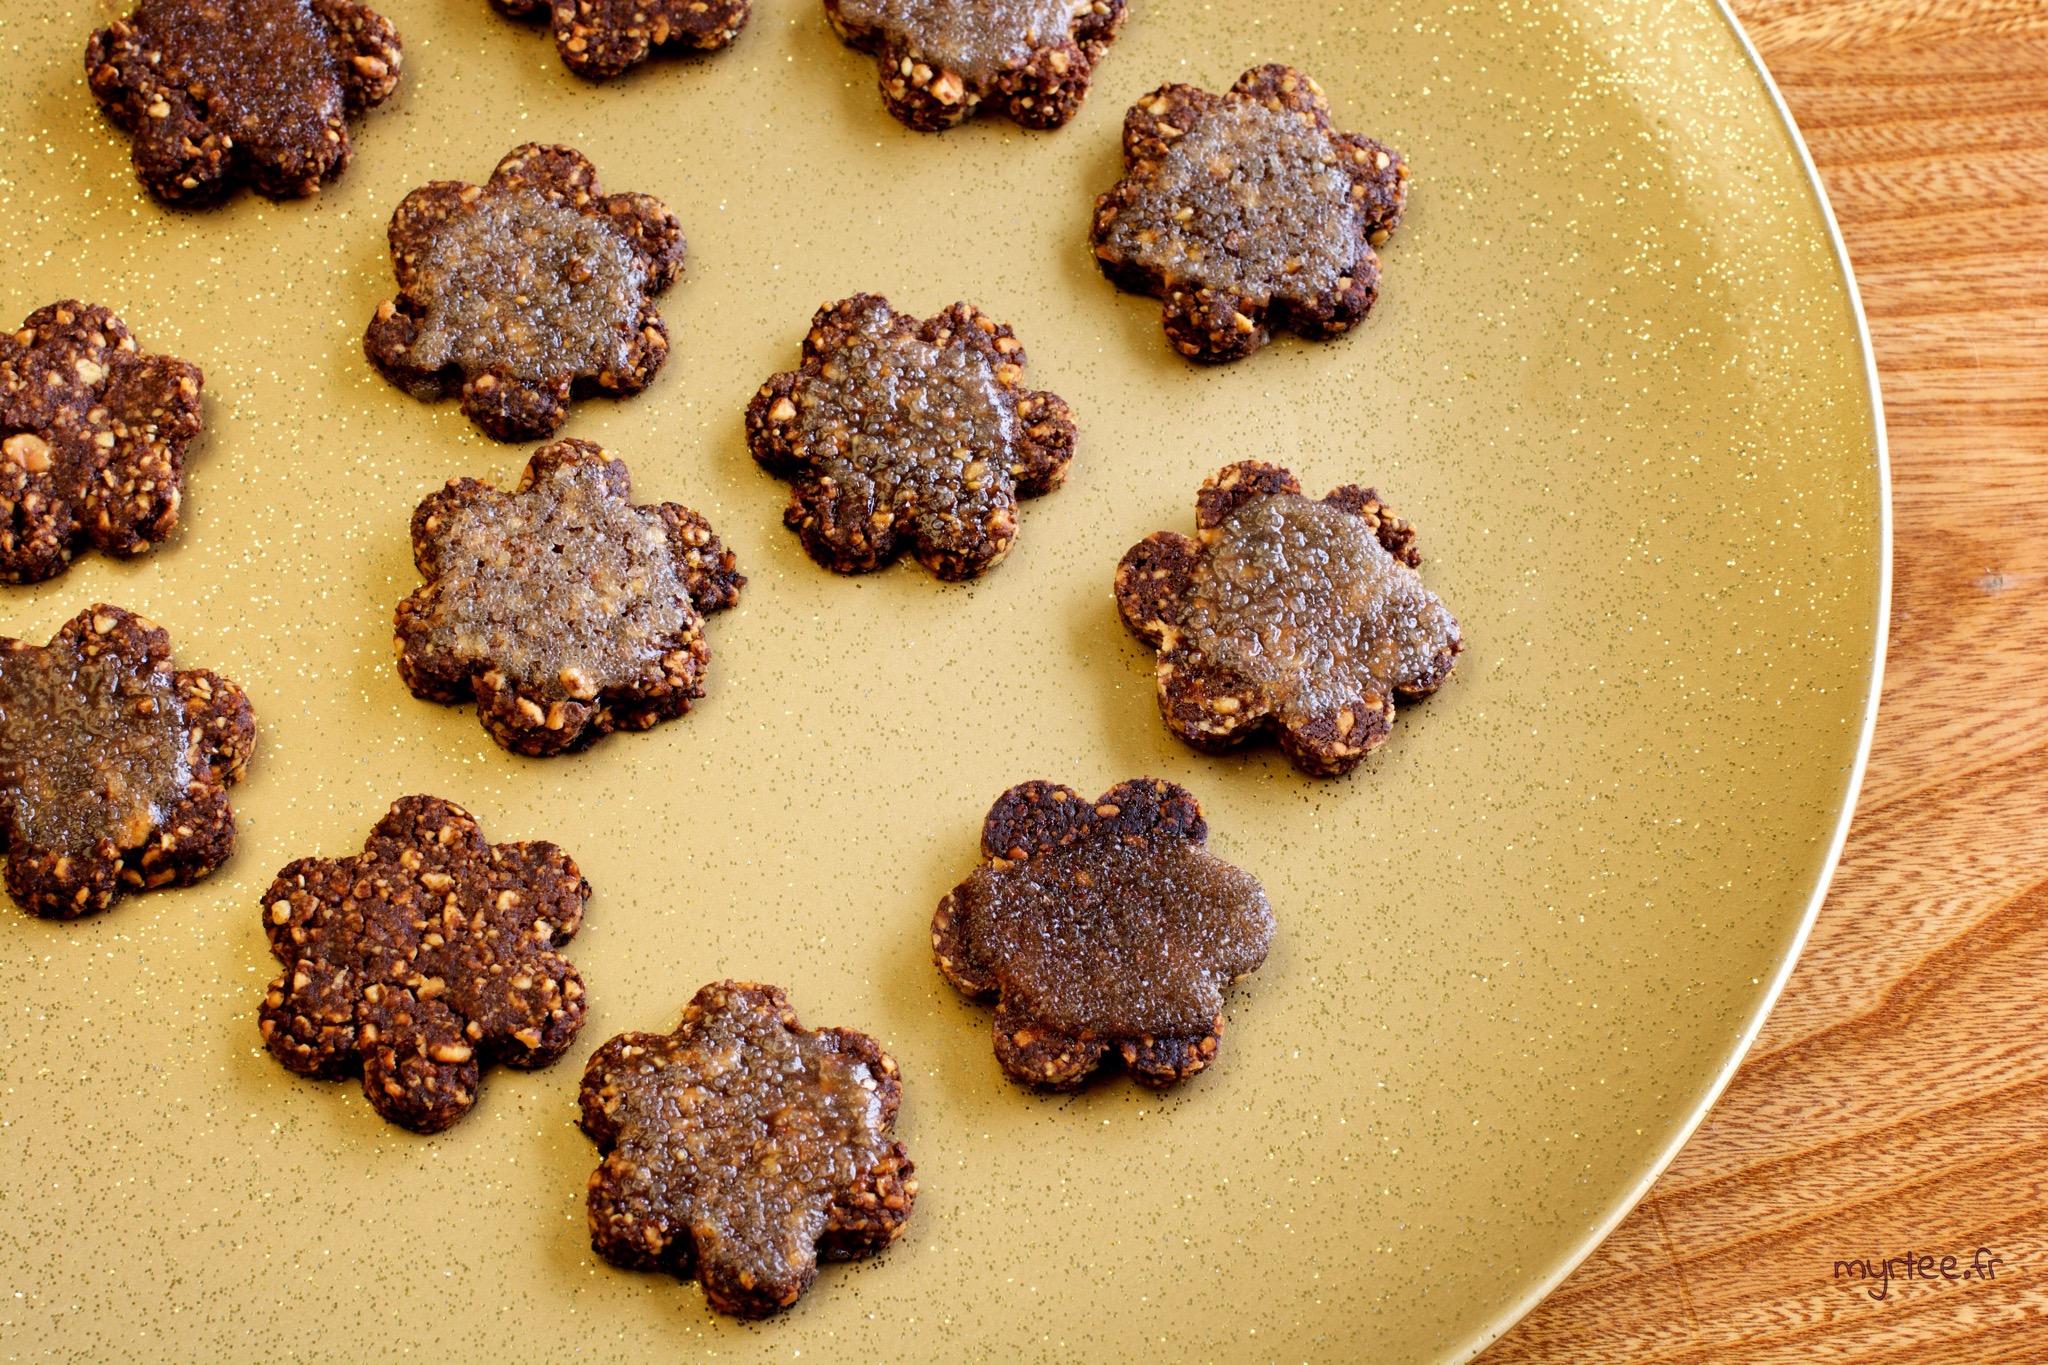 Des biscuits chocolatés aux cacahouètes